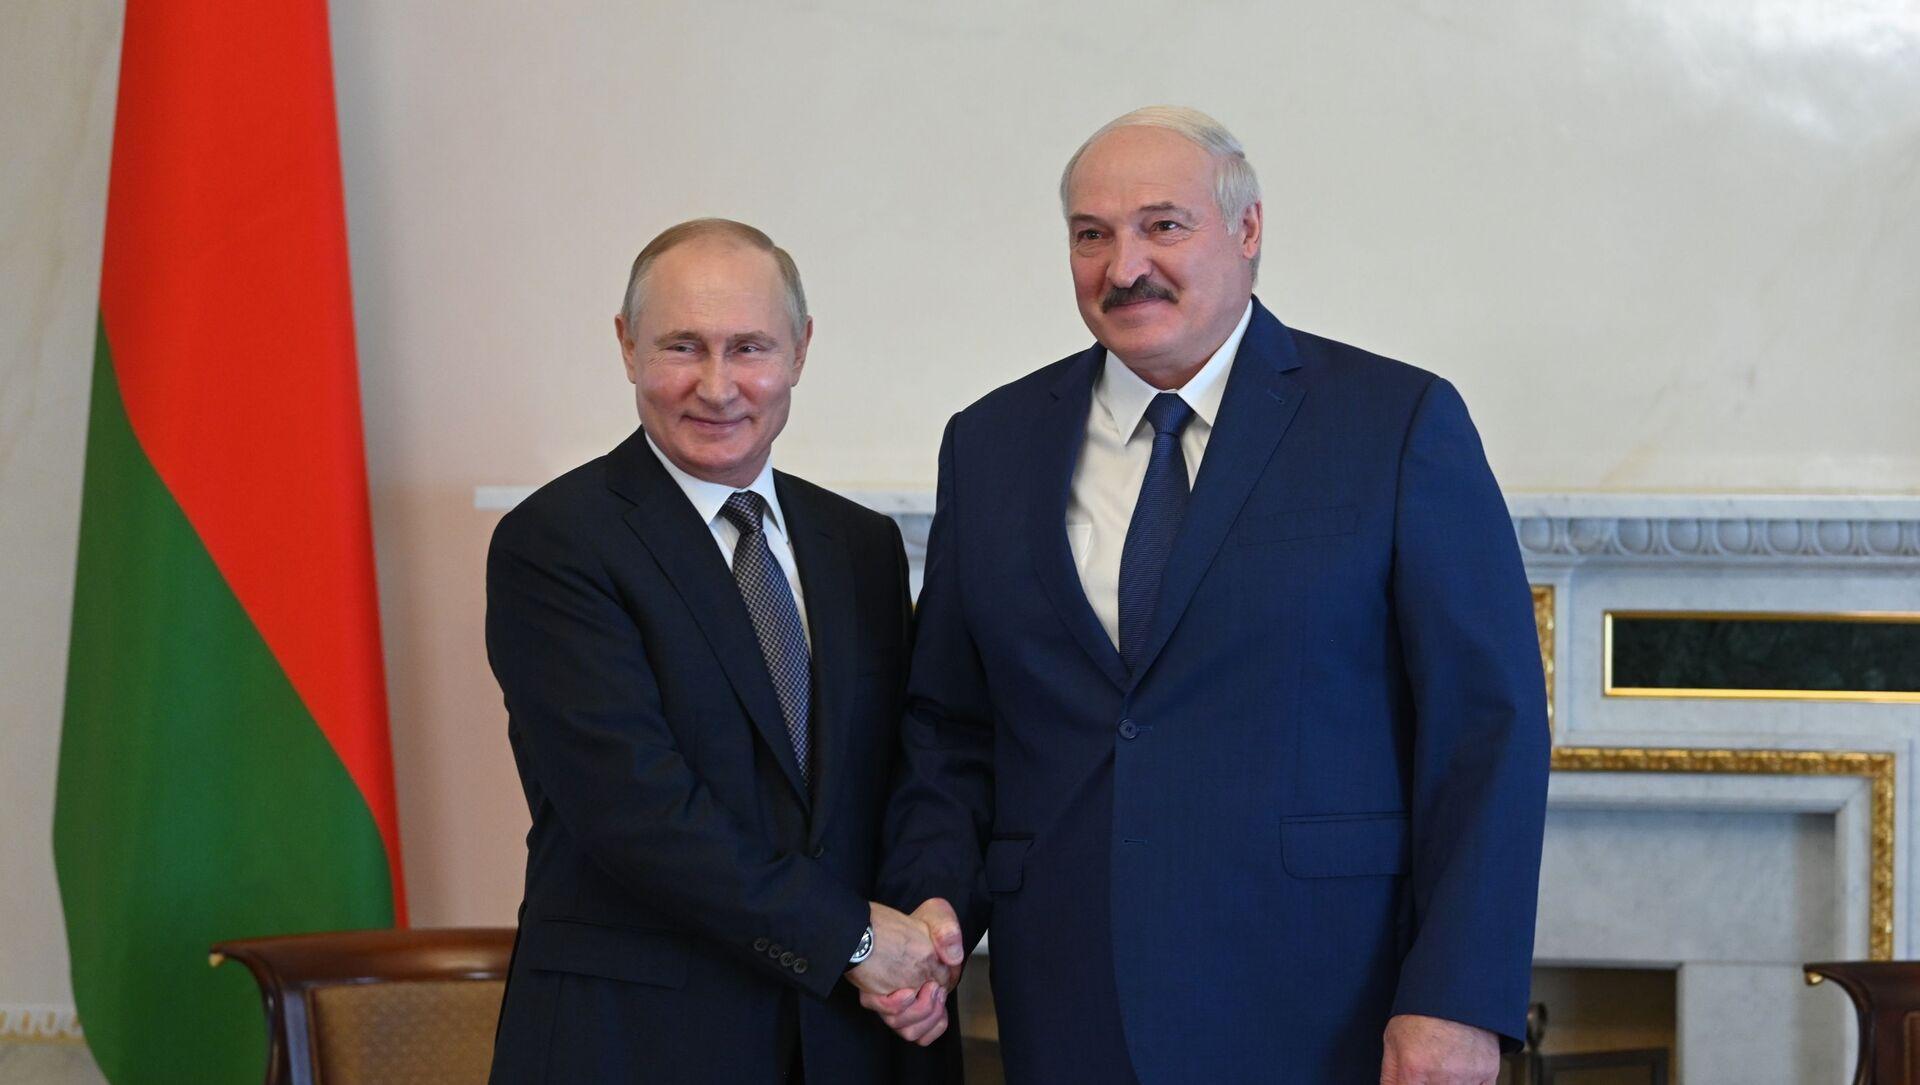 Aleksandr Lukaşenko və Vladimir Putin, 13 iyul 2021-ci il - Sputnik Azərbaycan, 1920, 12.09.2021